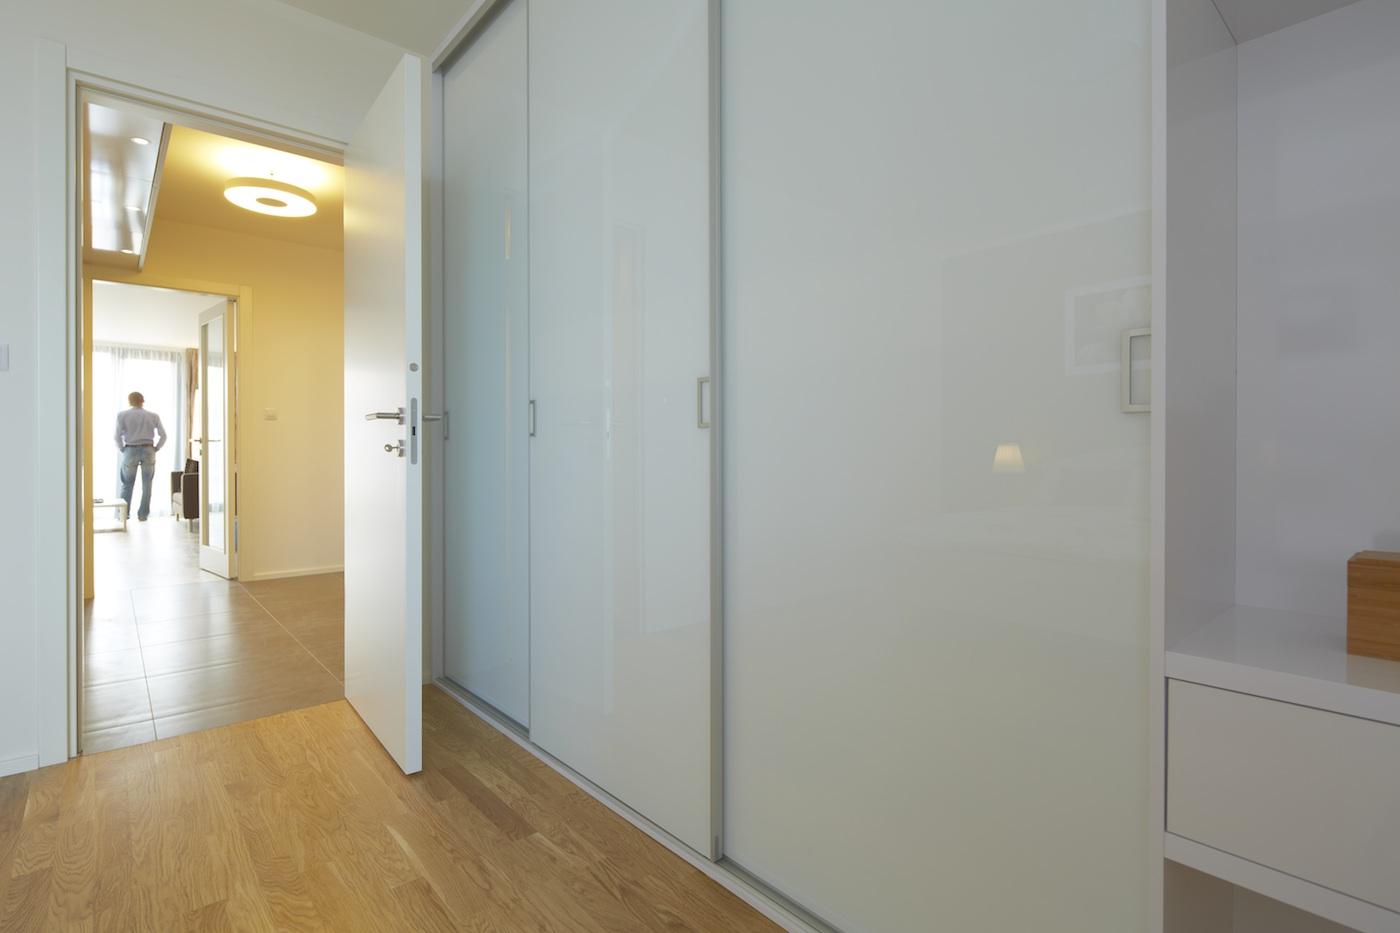 vestavěná skříň s bezrámovými dveřmi